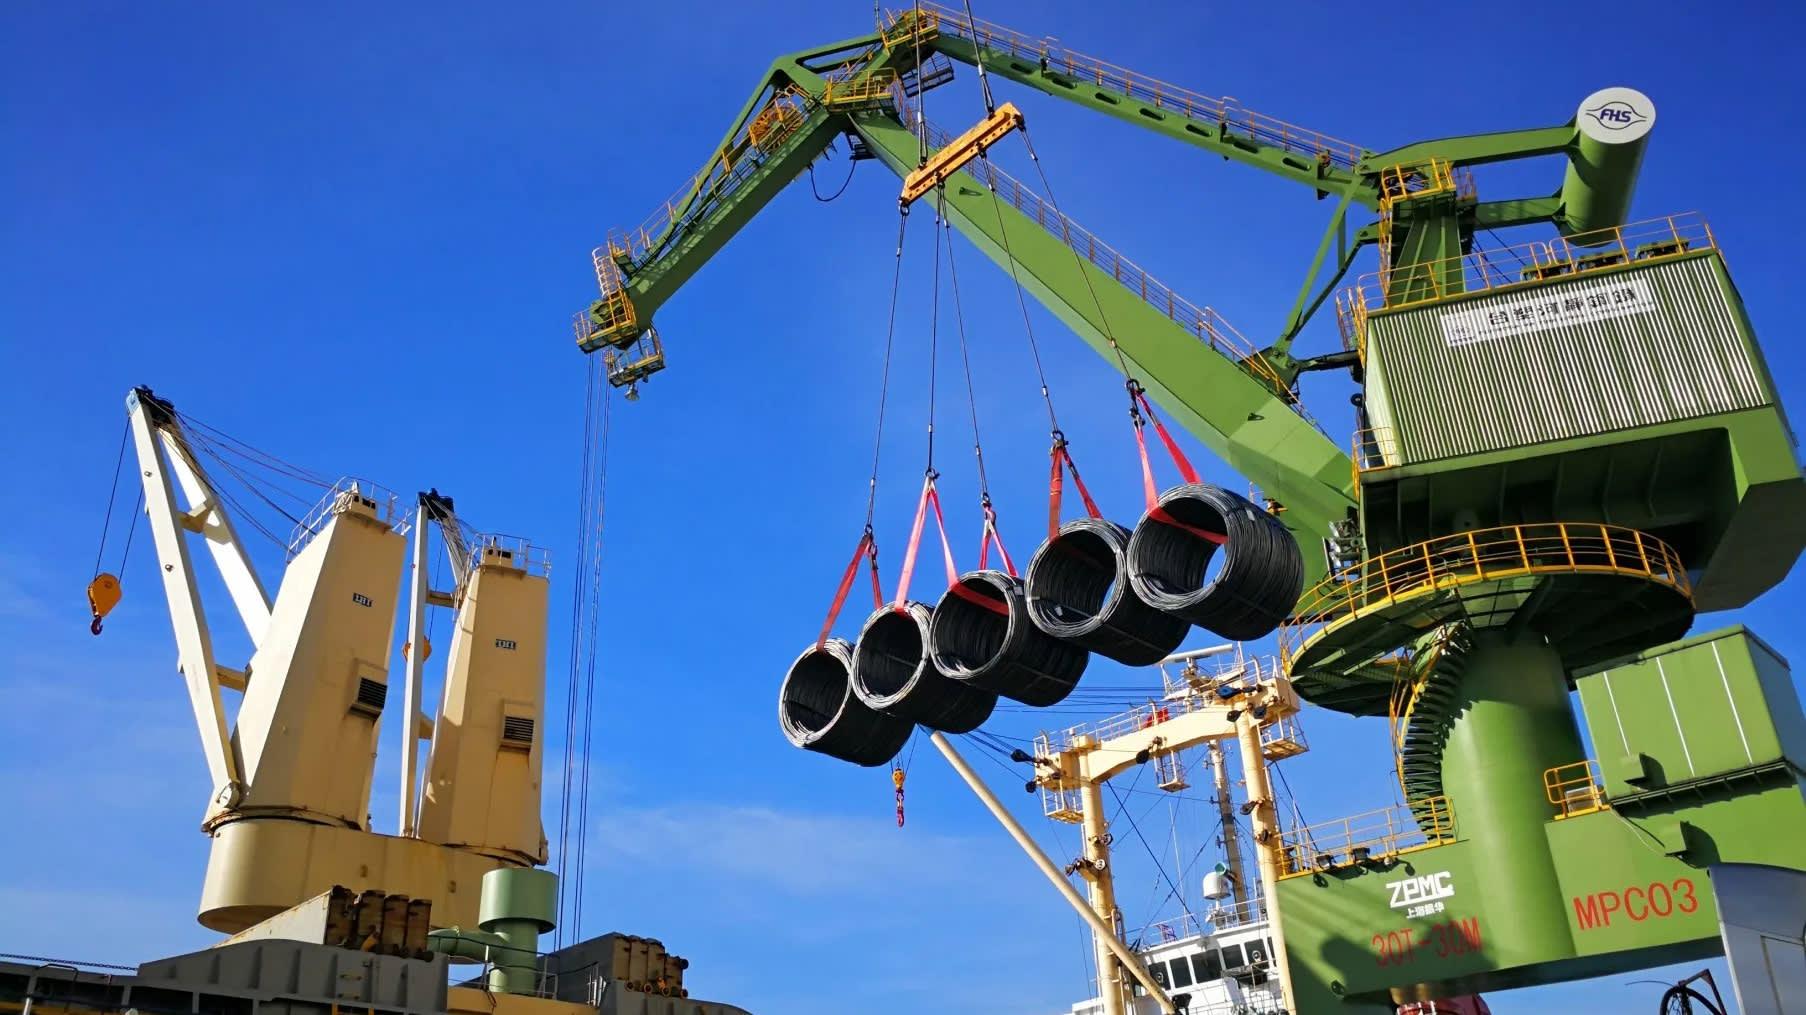 Báo Nhật: Formosa Hà Tĩnh giúp Việt Nam tự sản xuất thép mà không phải dựa vào nhập khẩu